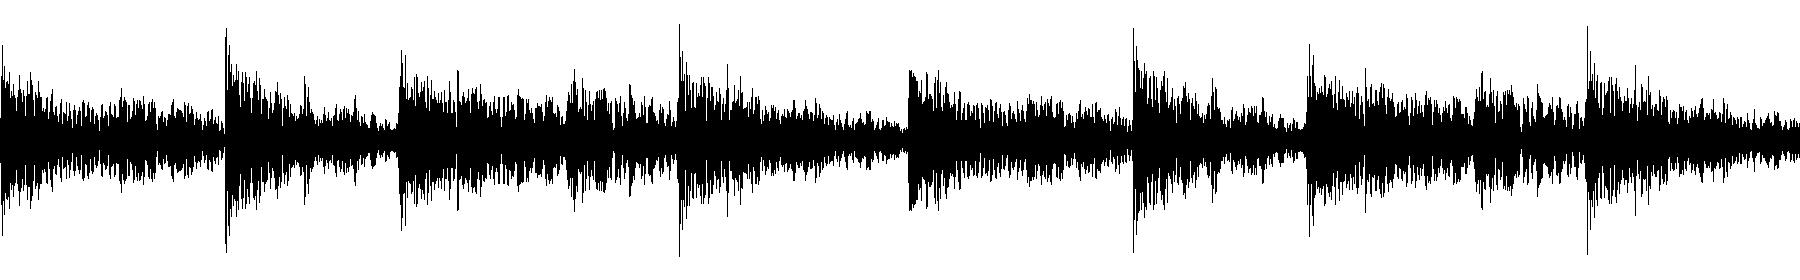 blbc cinedrumsa 110 03